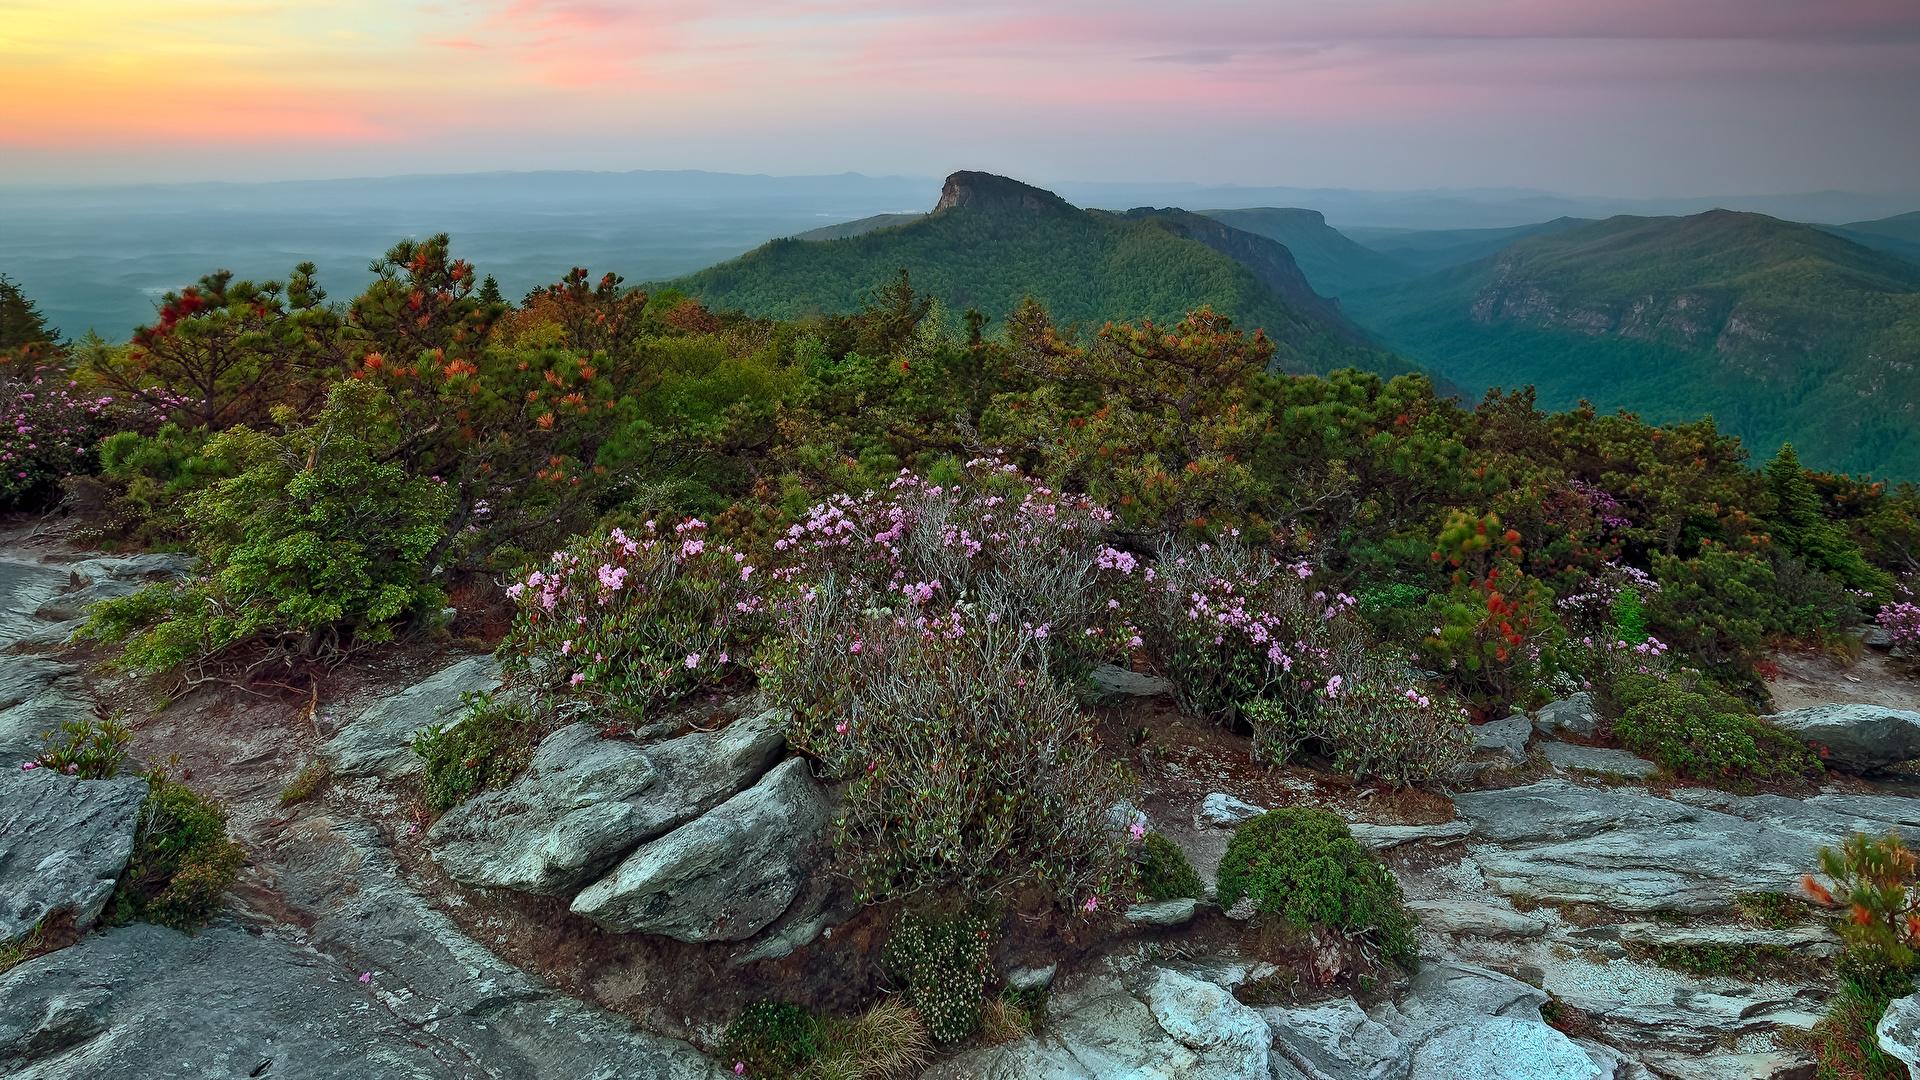 Картинки США Avery North Carolina Горы Природа Камень Кусты 1920x1080 штаты Камни кустов